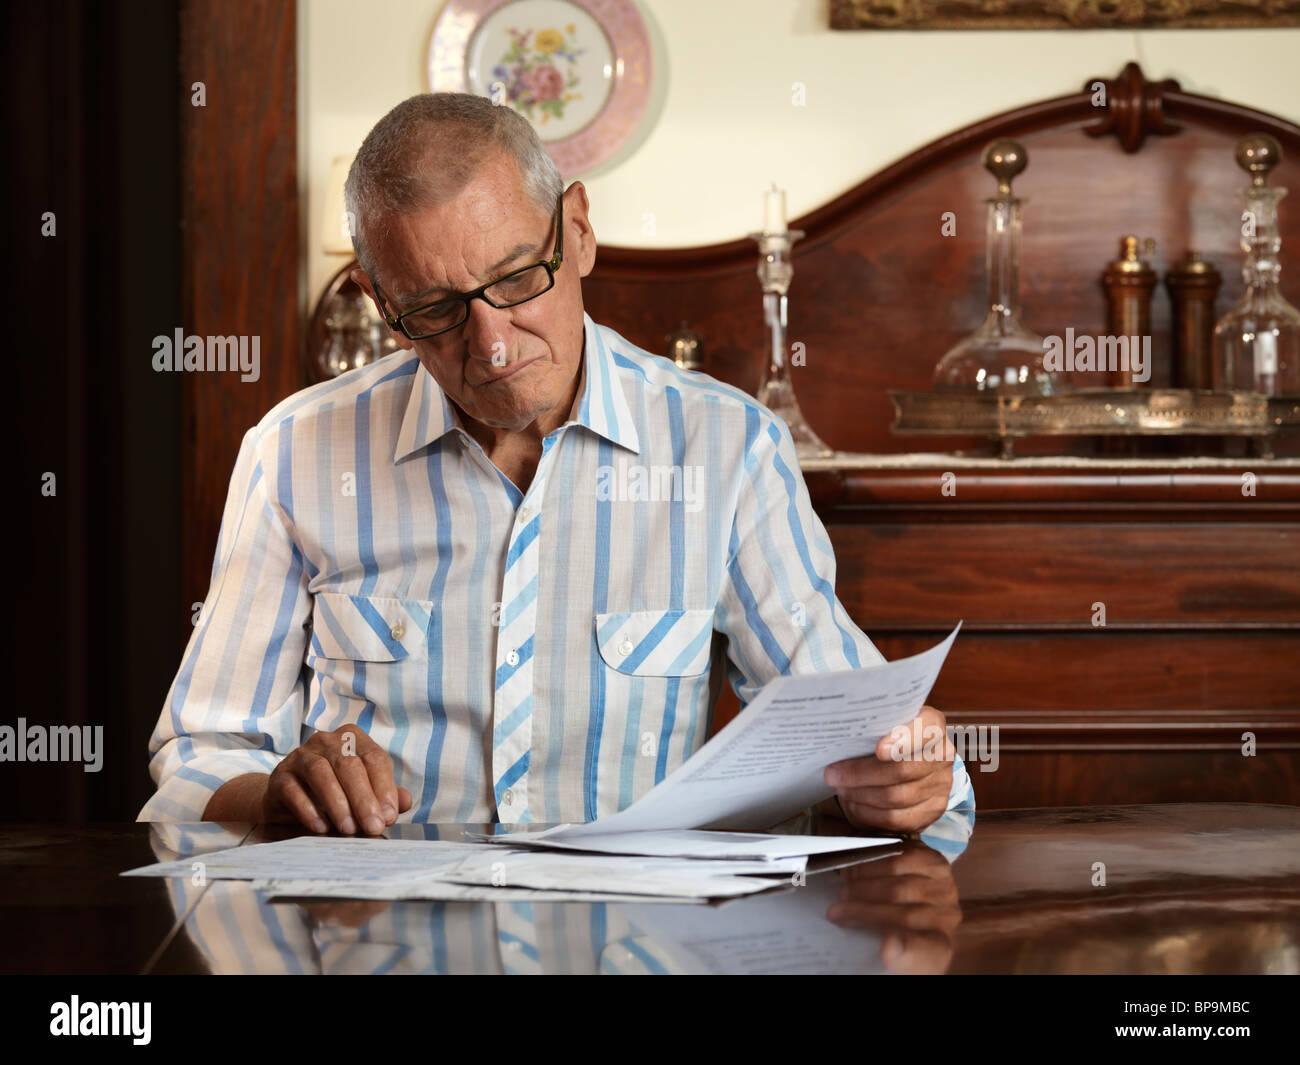 Uomo anziano seduto alla scrivania guardando attraverso le bollette con espressione infelice sul suo volto Immagini Stock